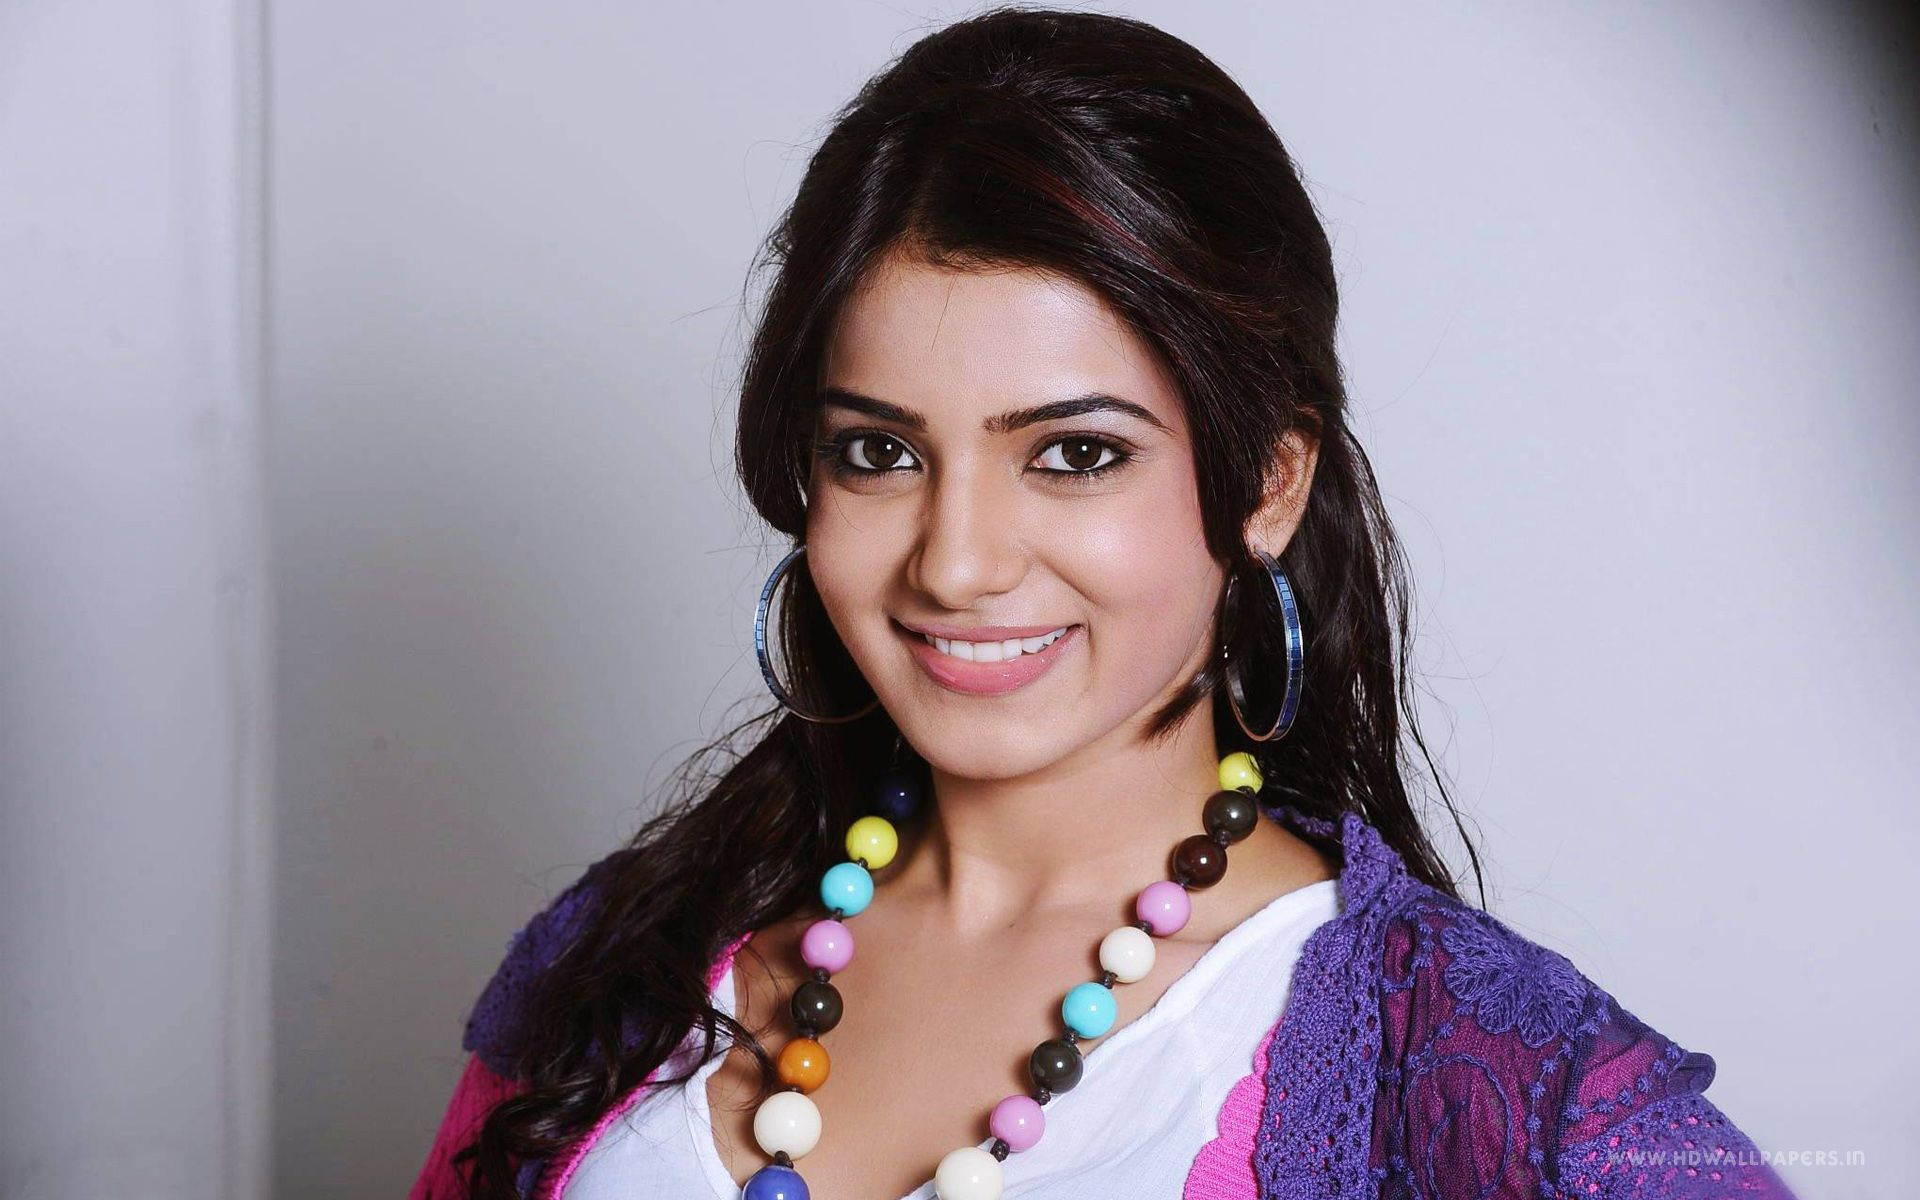 samantha ruth prabhu movies list of samantha ruth prabhu films from